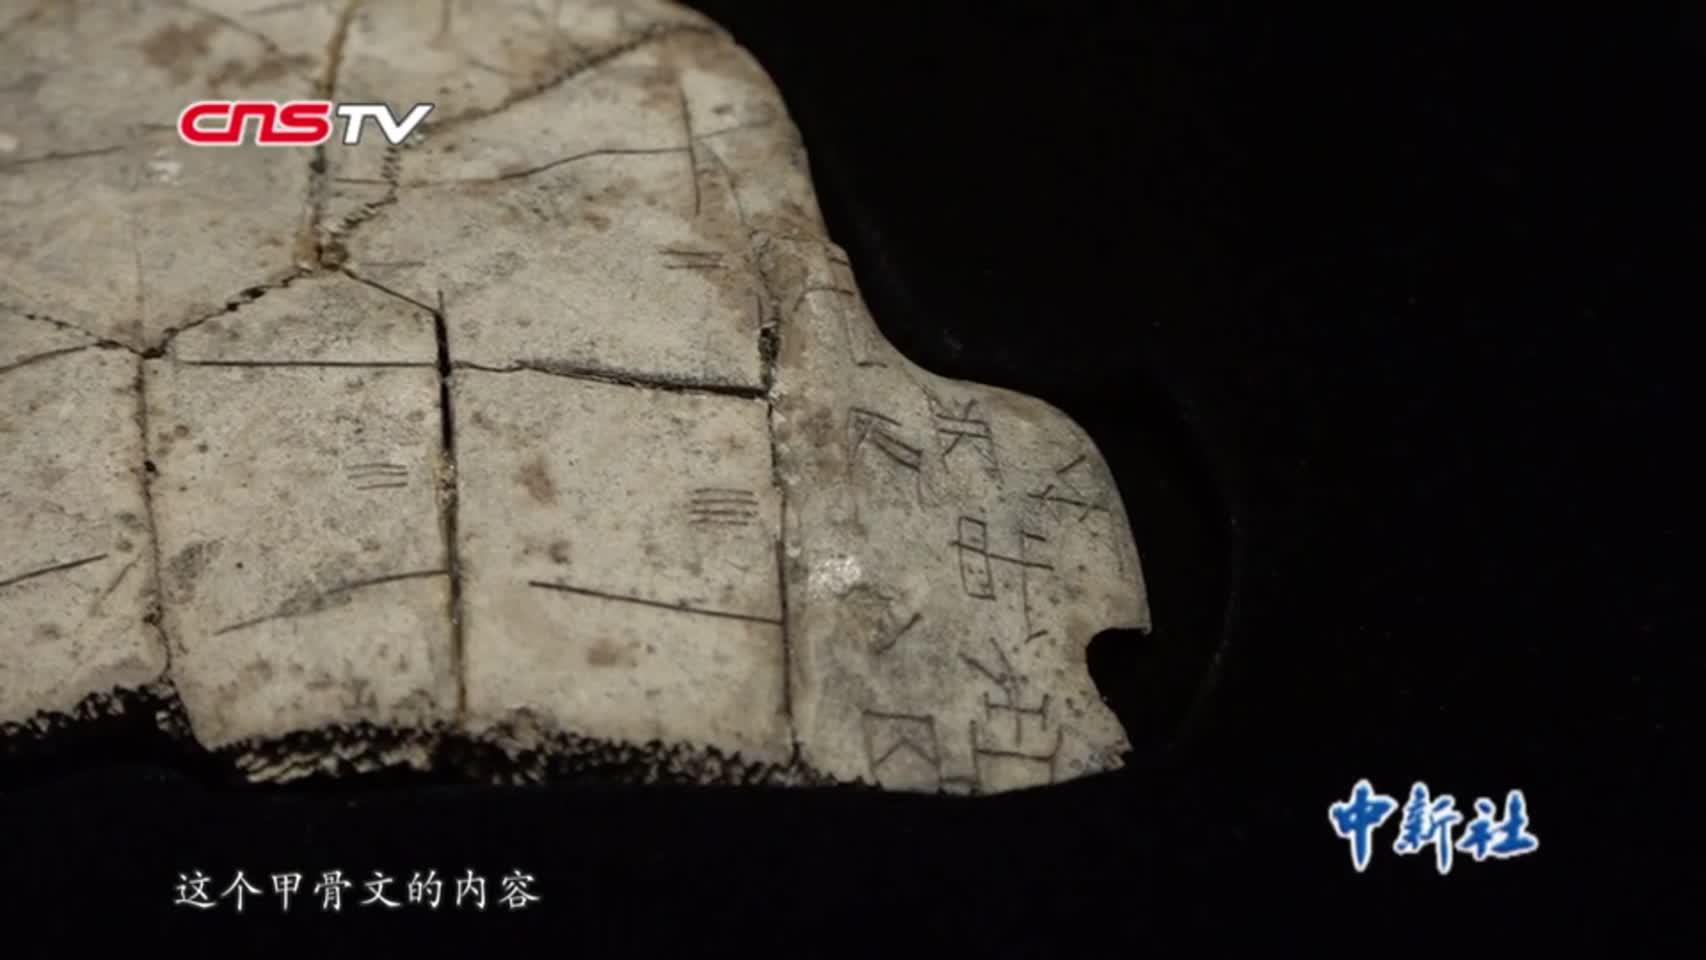 中国国家博物馆首次大规模展示馆藏甲骨